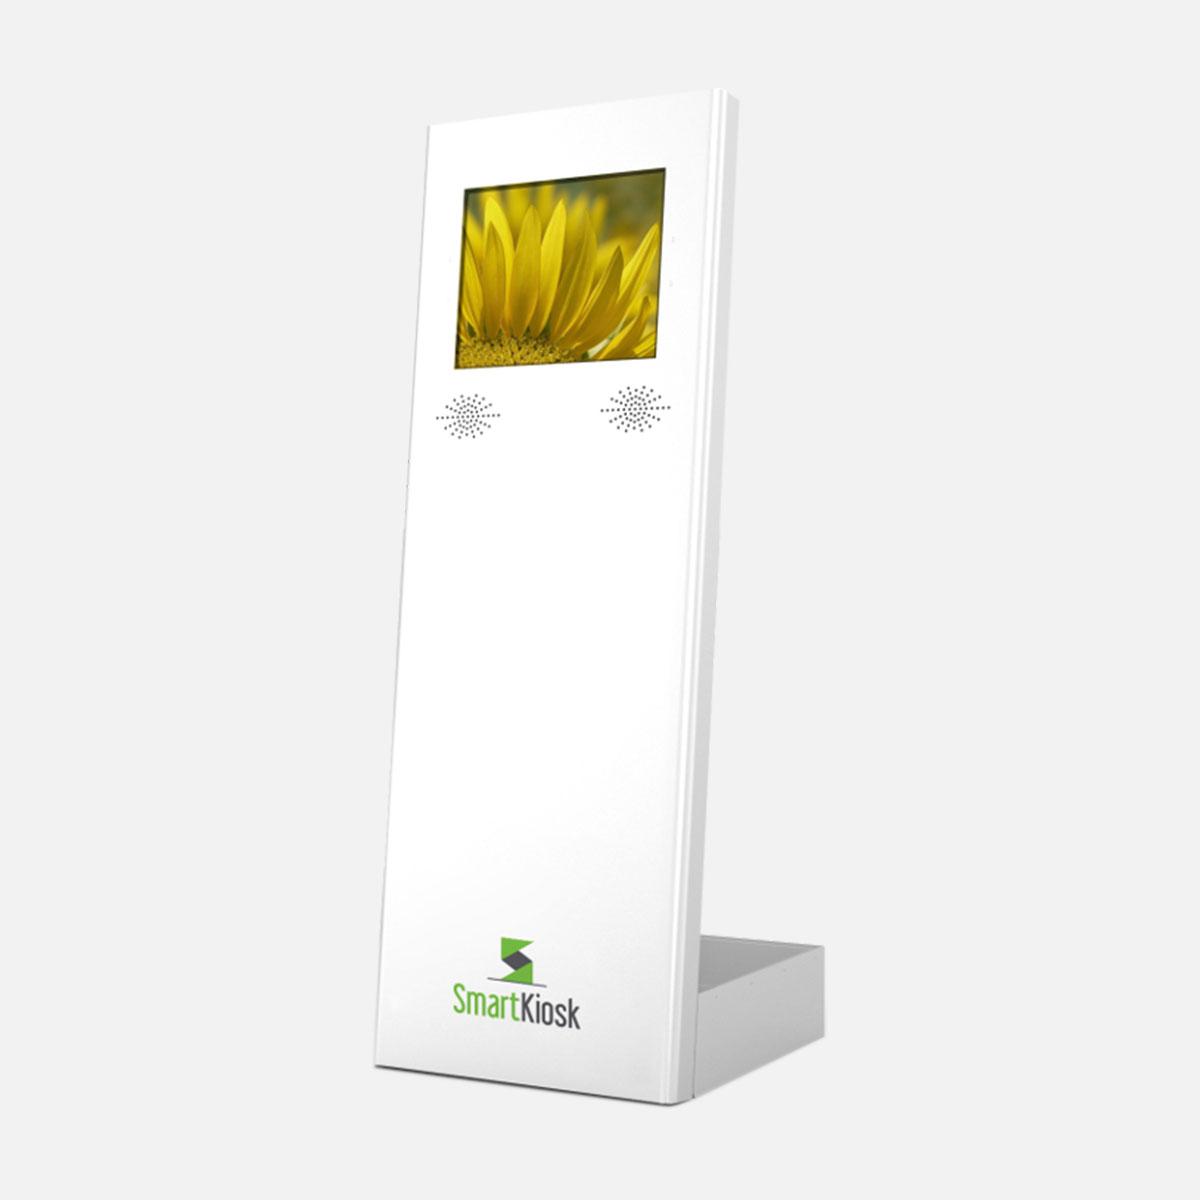 SmartKiosk Italy - Seven kiosk